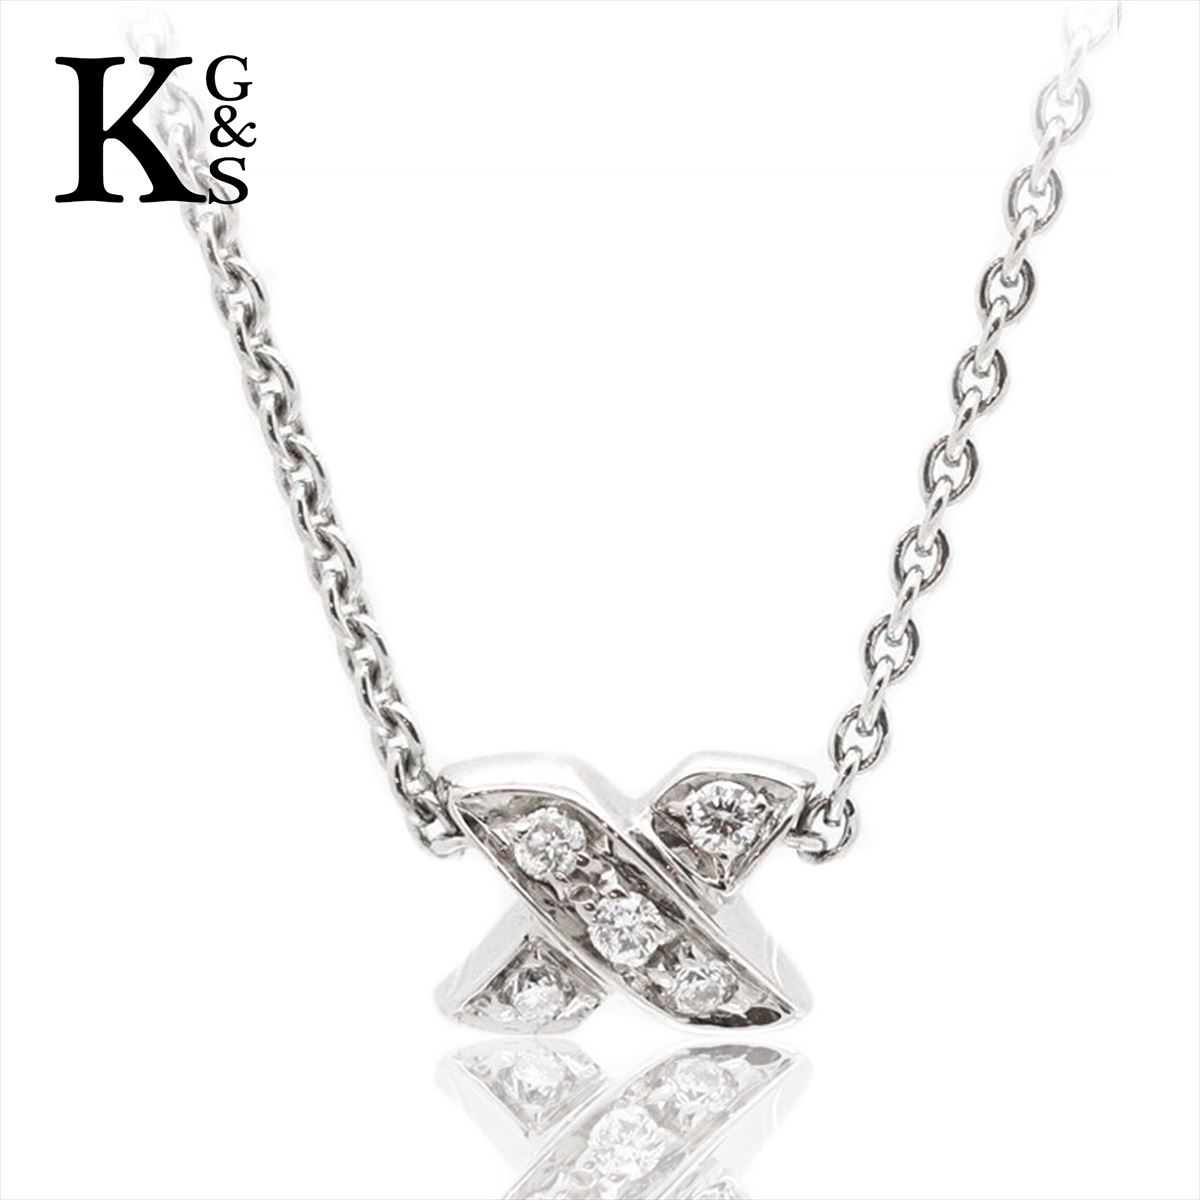 【ギフト品質】ティファニー/Tiffany&co グラフィティX(キス) ネックレス Pt950 5Pダイヤ レディース プラチナ